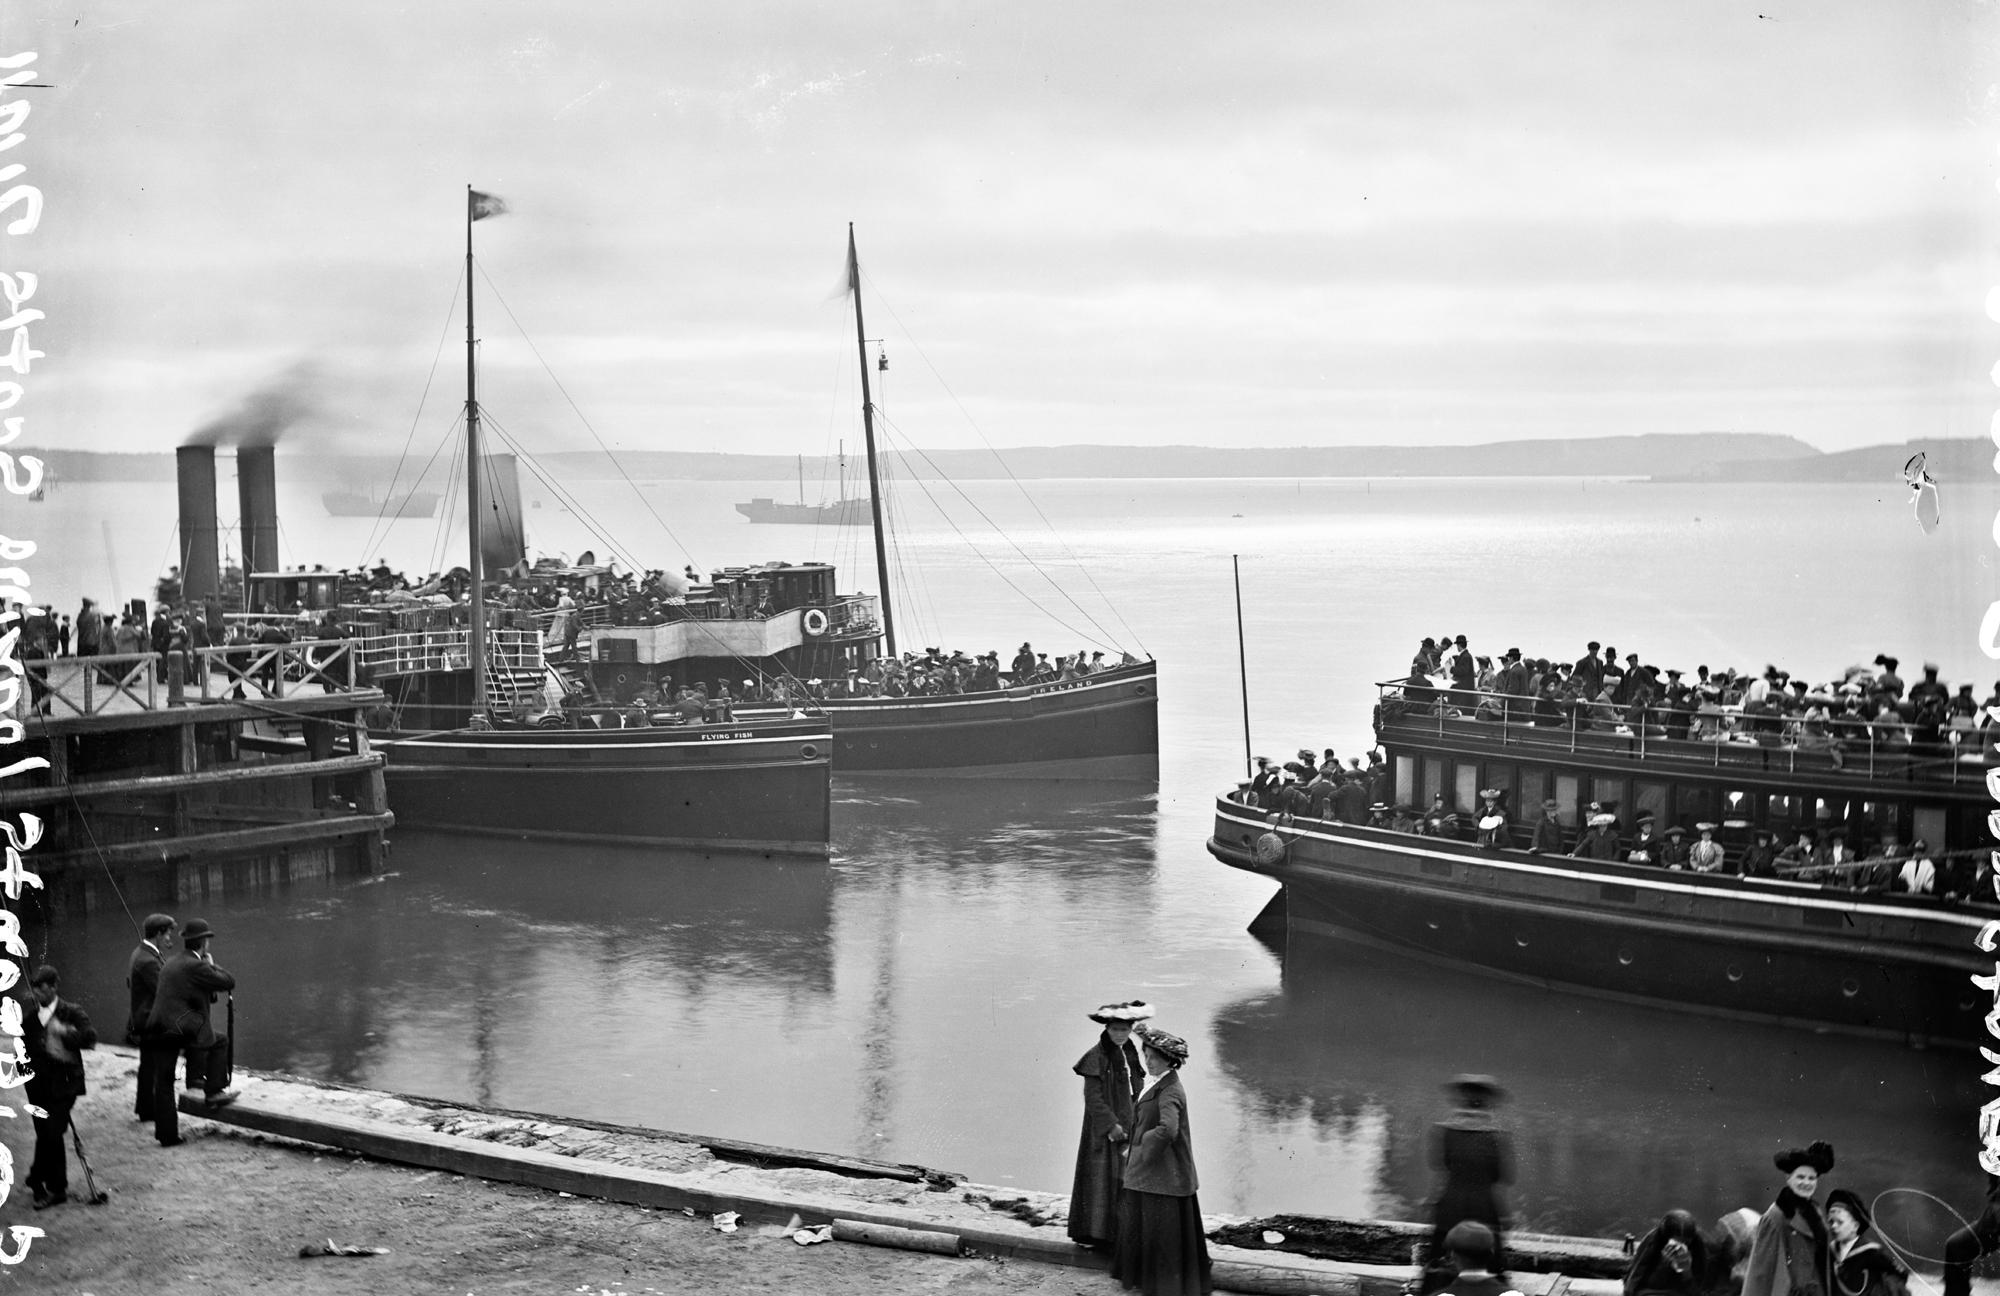 Emigrants leaving. Scotts Quay, Queenstown